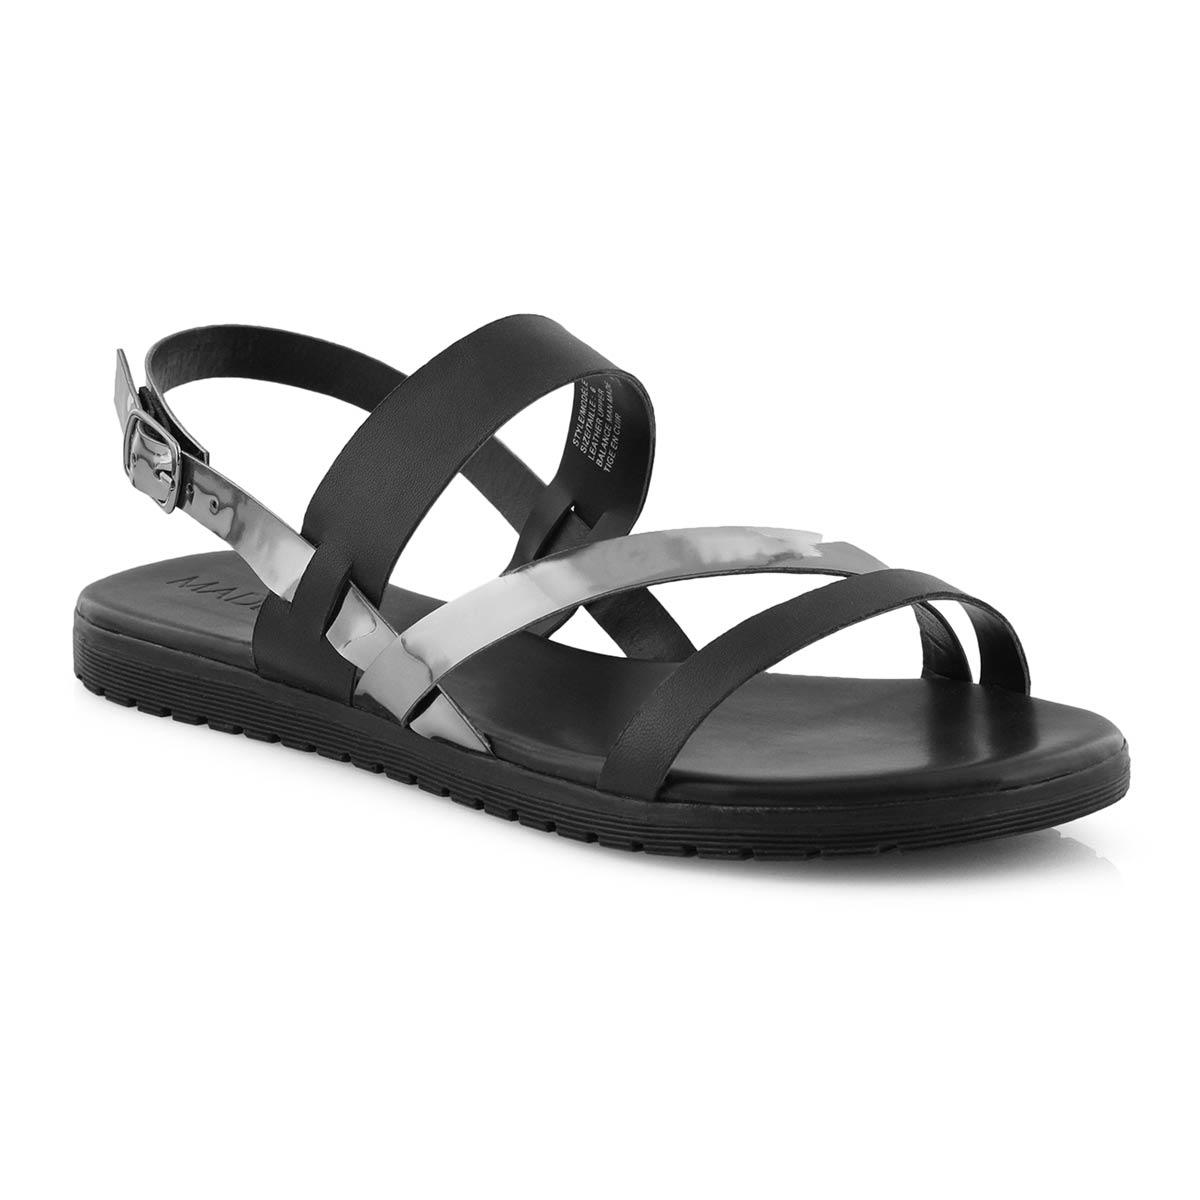 Lds Gita black/pewter casual sandal